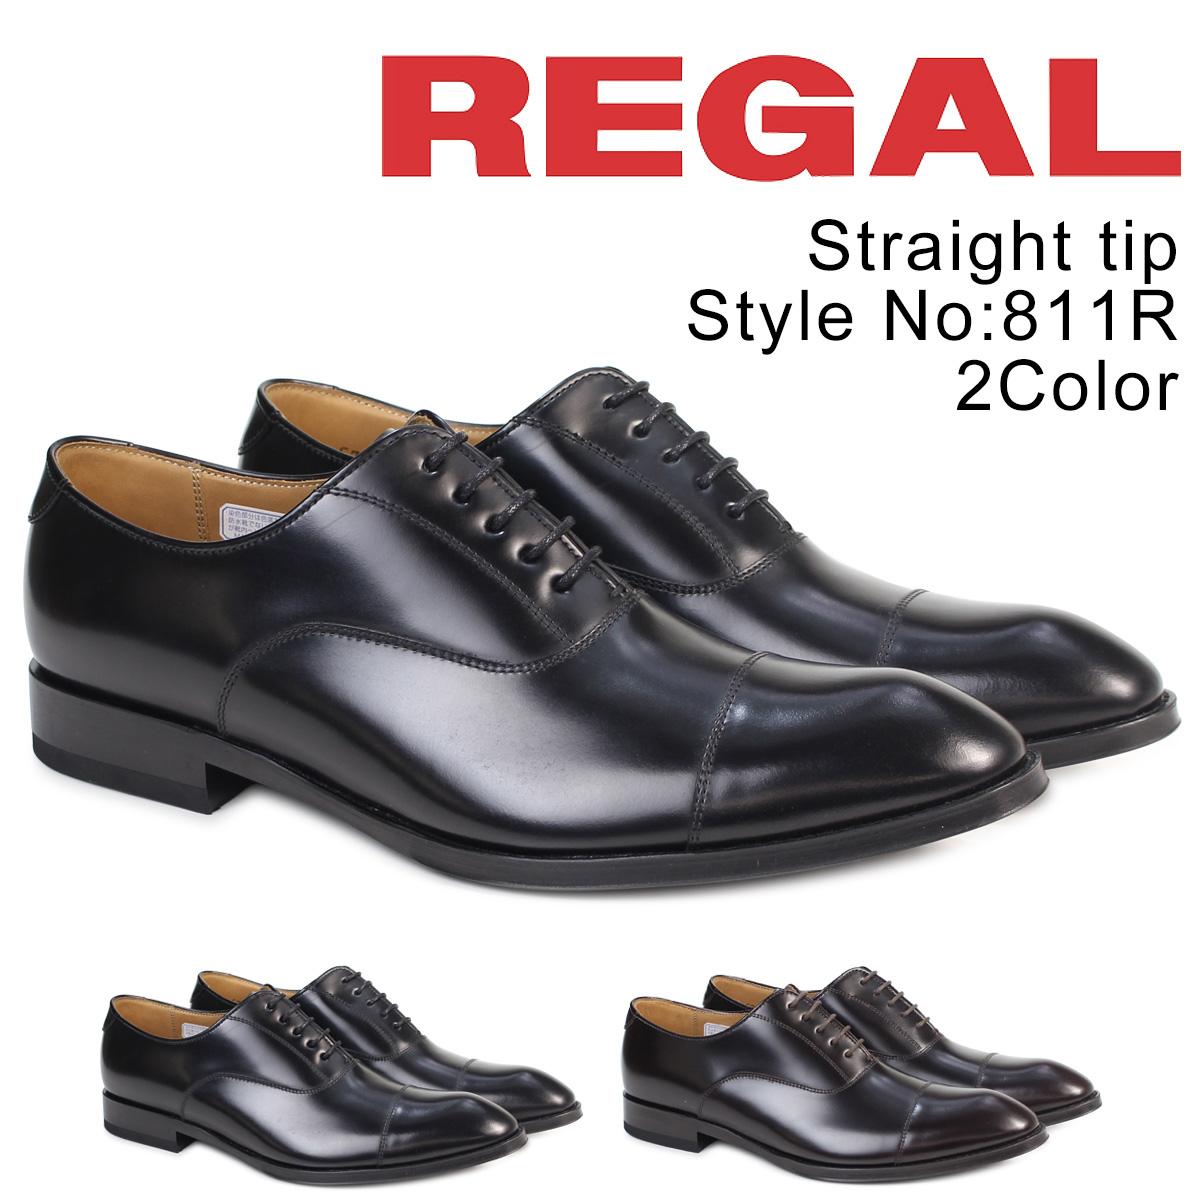 REGAL 811R AL 靴 メンズ リーガル ビジネスシューズ ストレートチップ [3/28 追加入荷]